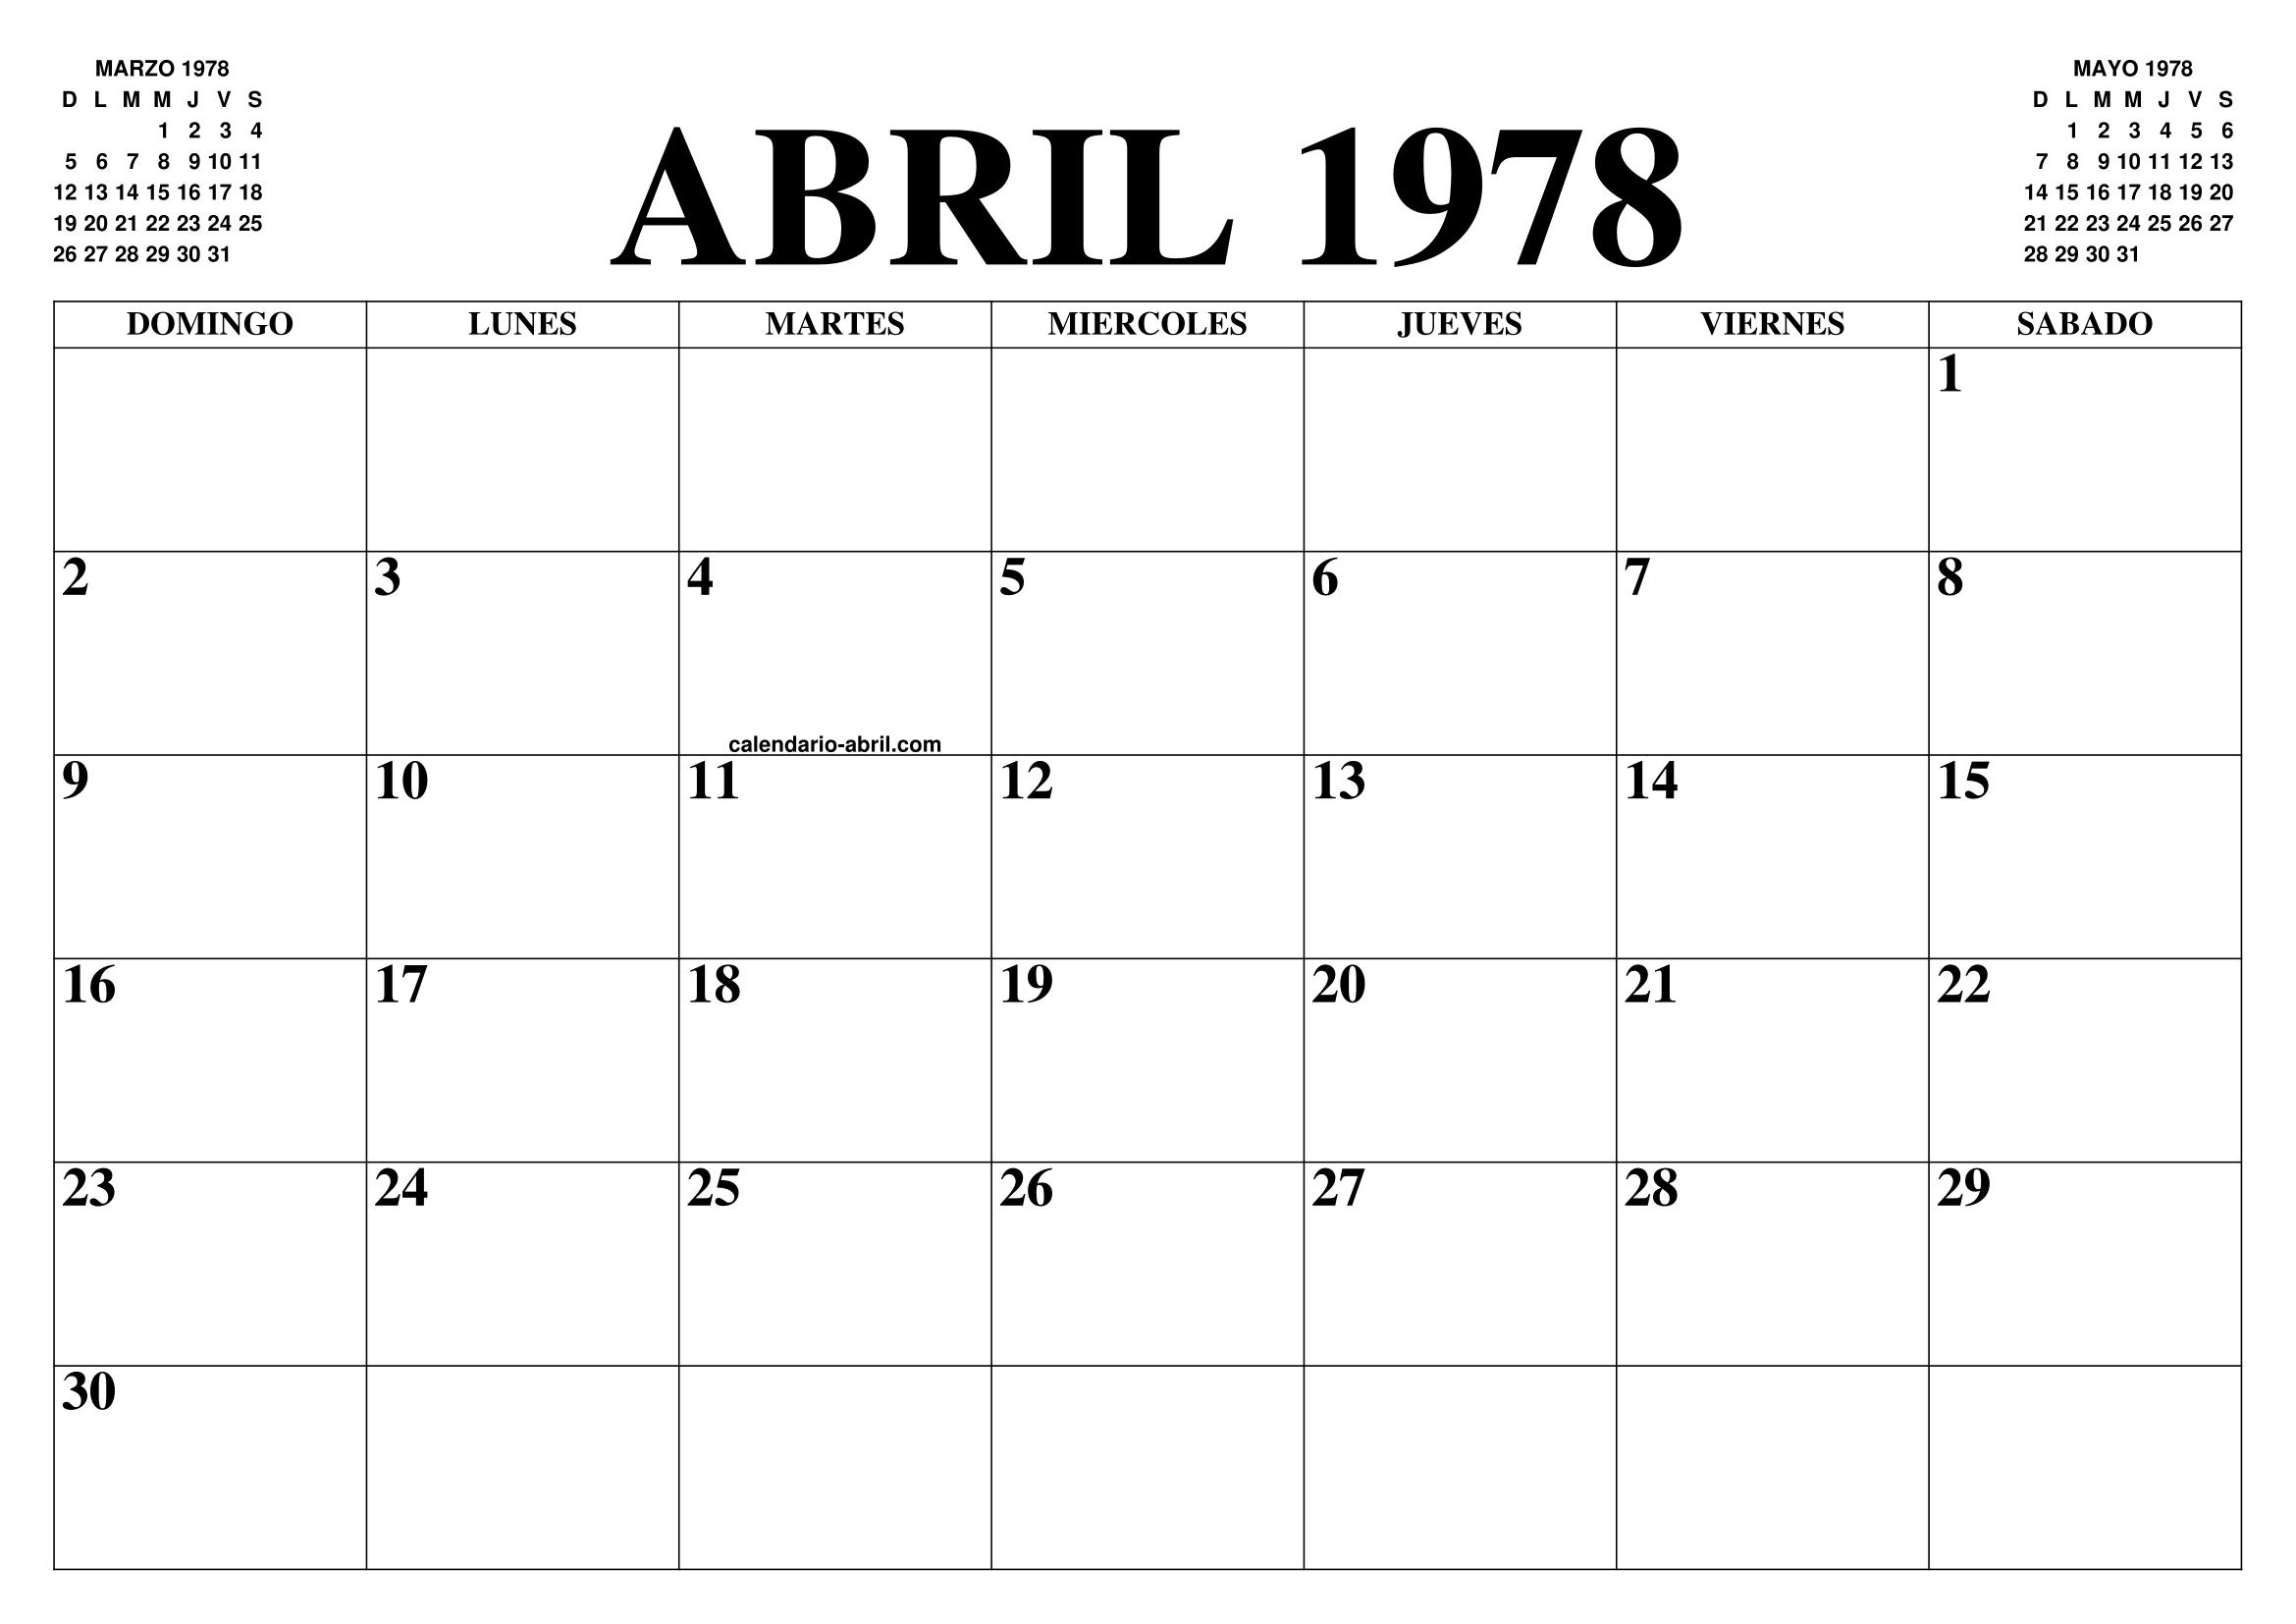 1978 Calendario.Calendario Abril 1978 El Calendario Abril Para Imprimir